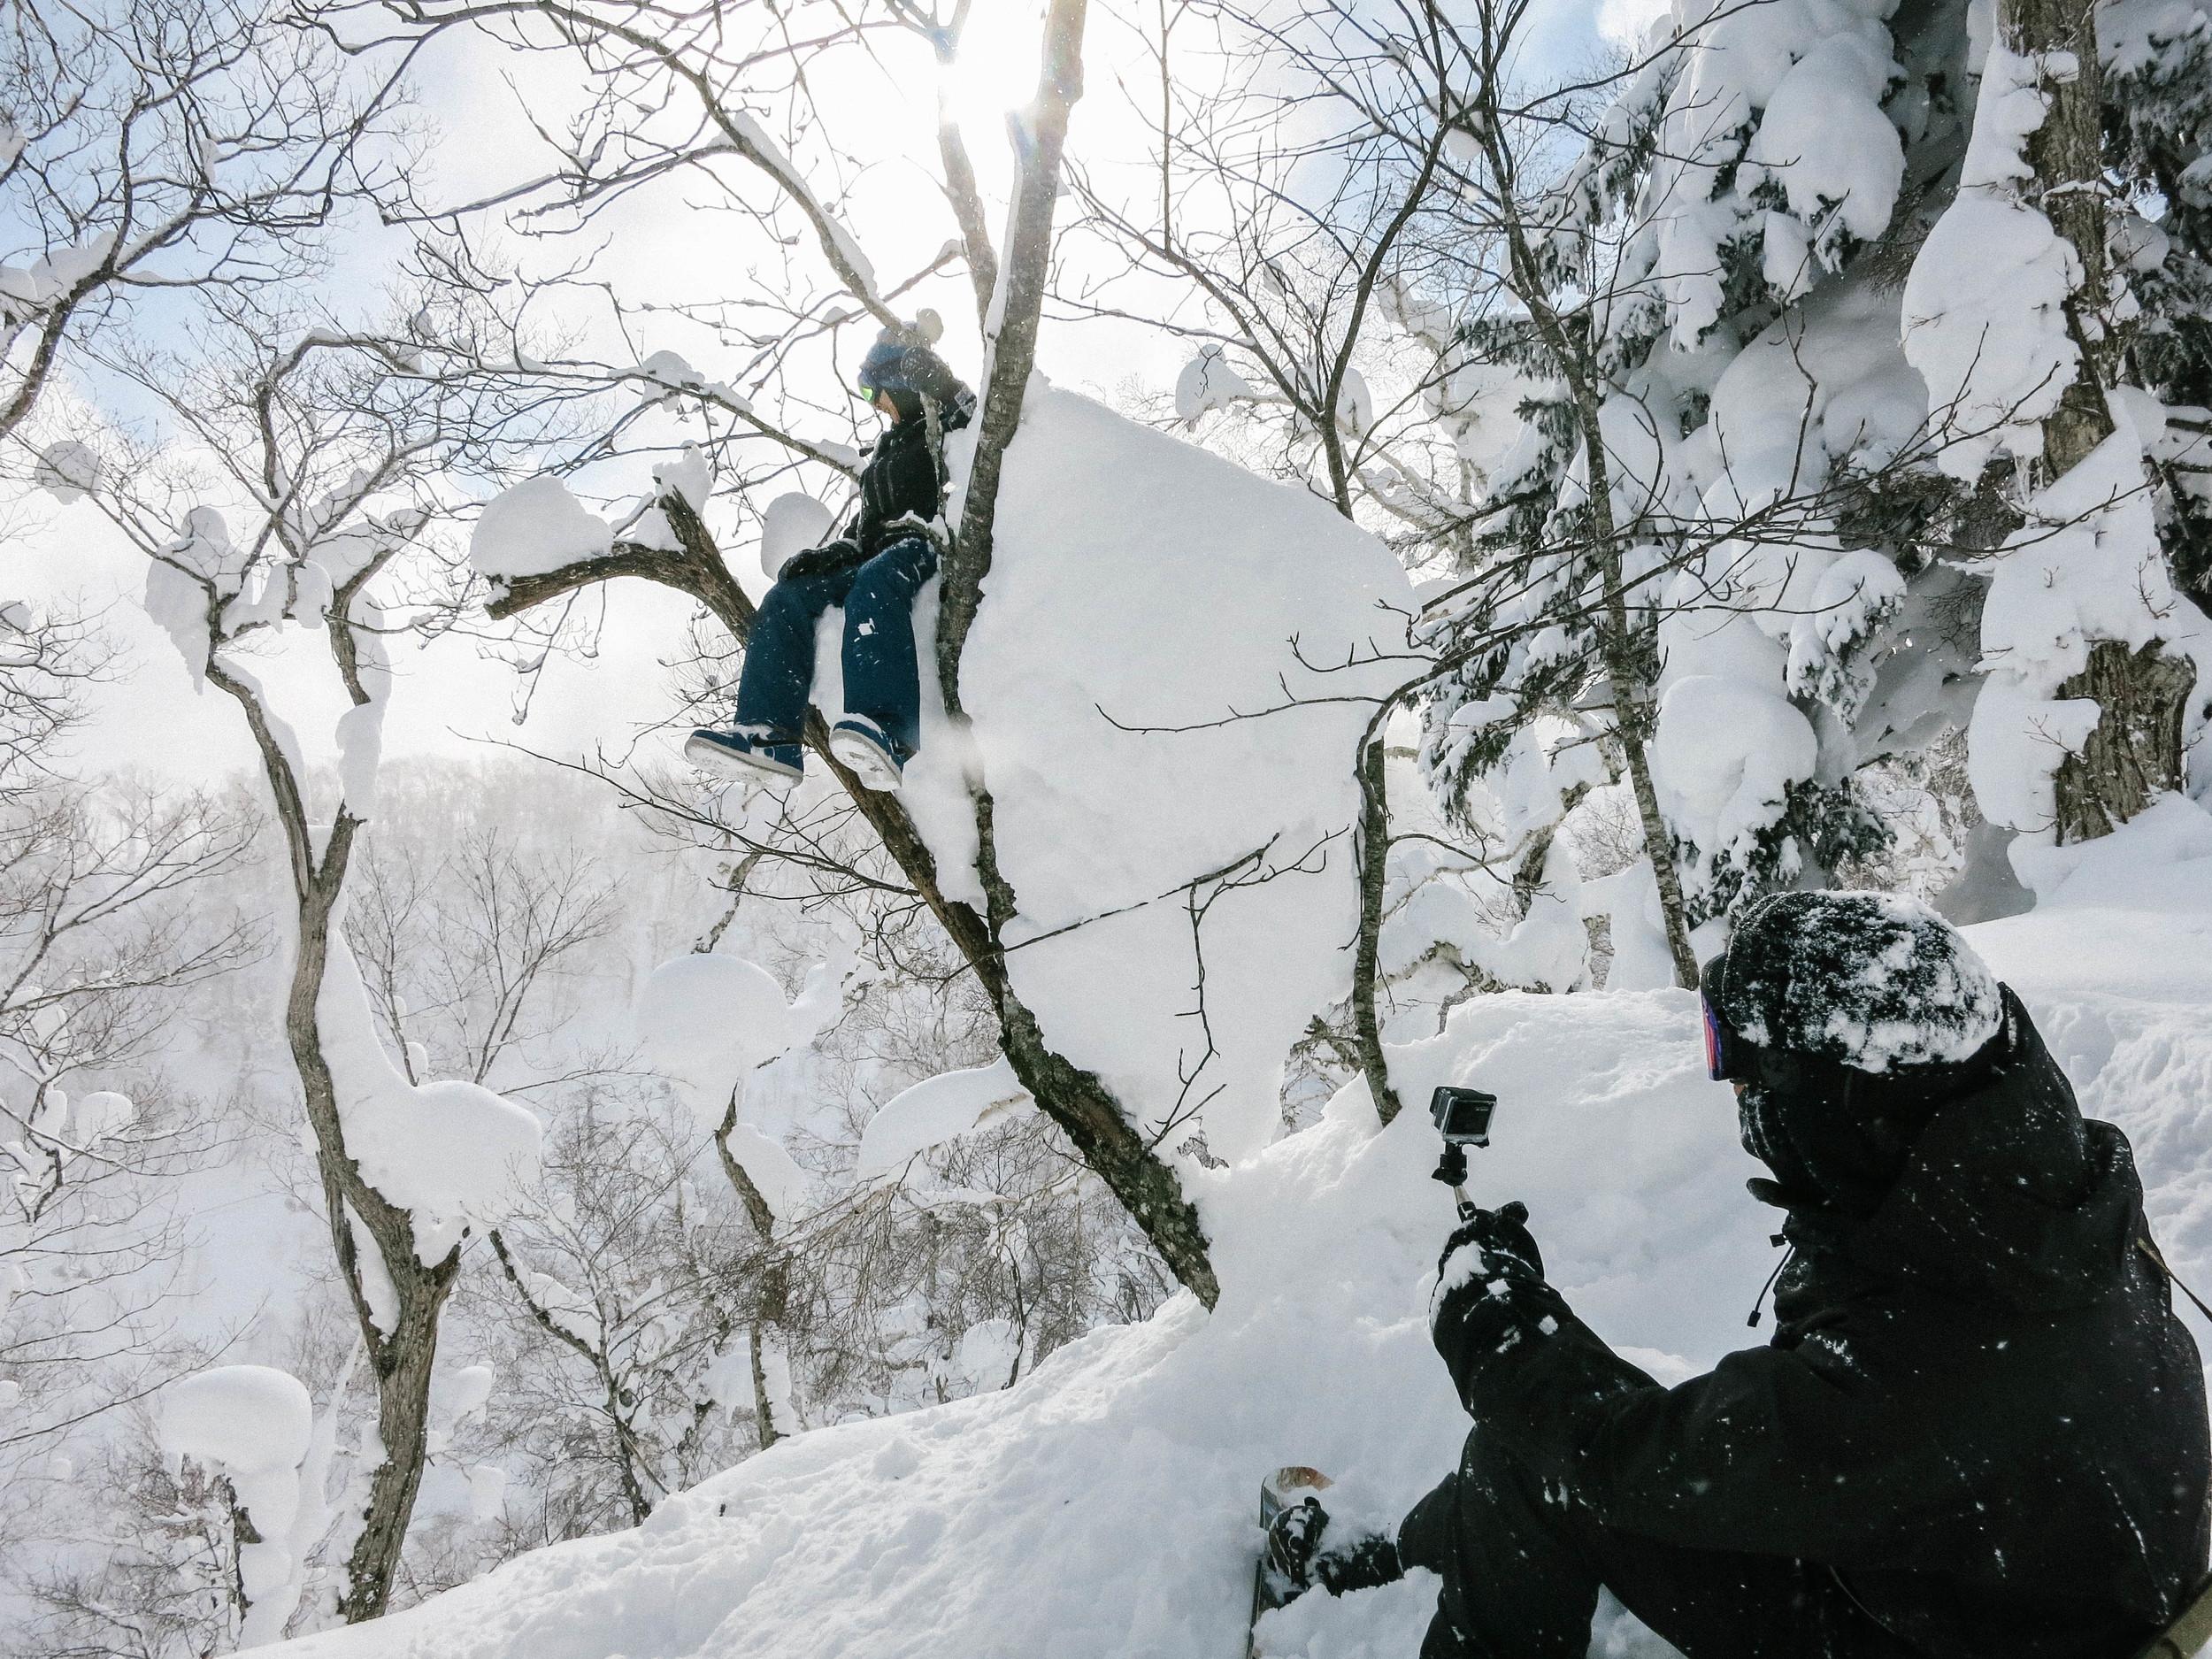 Only in Hokkaido